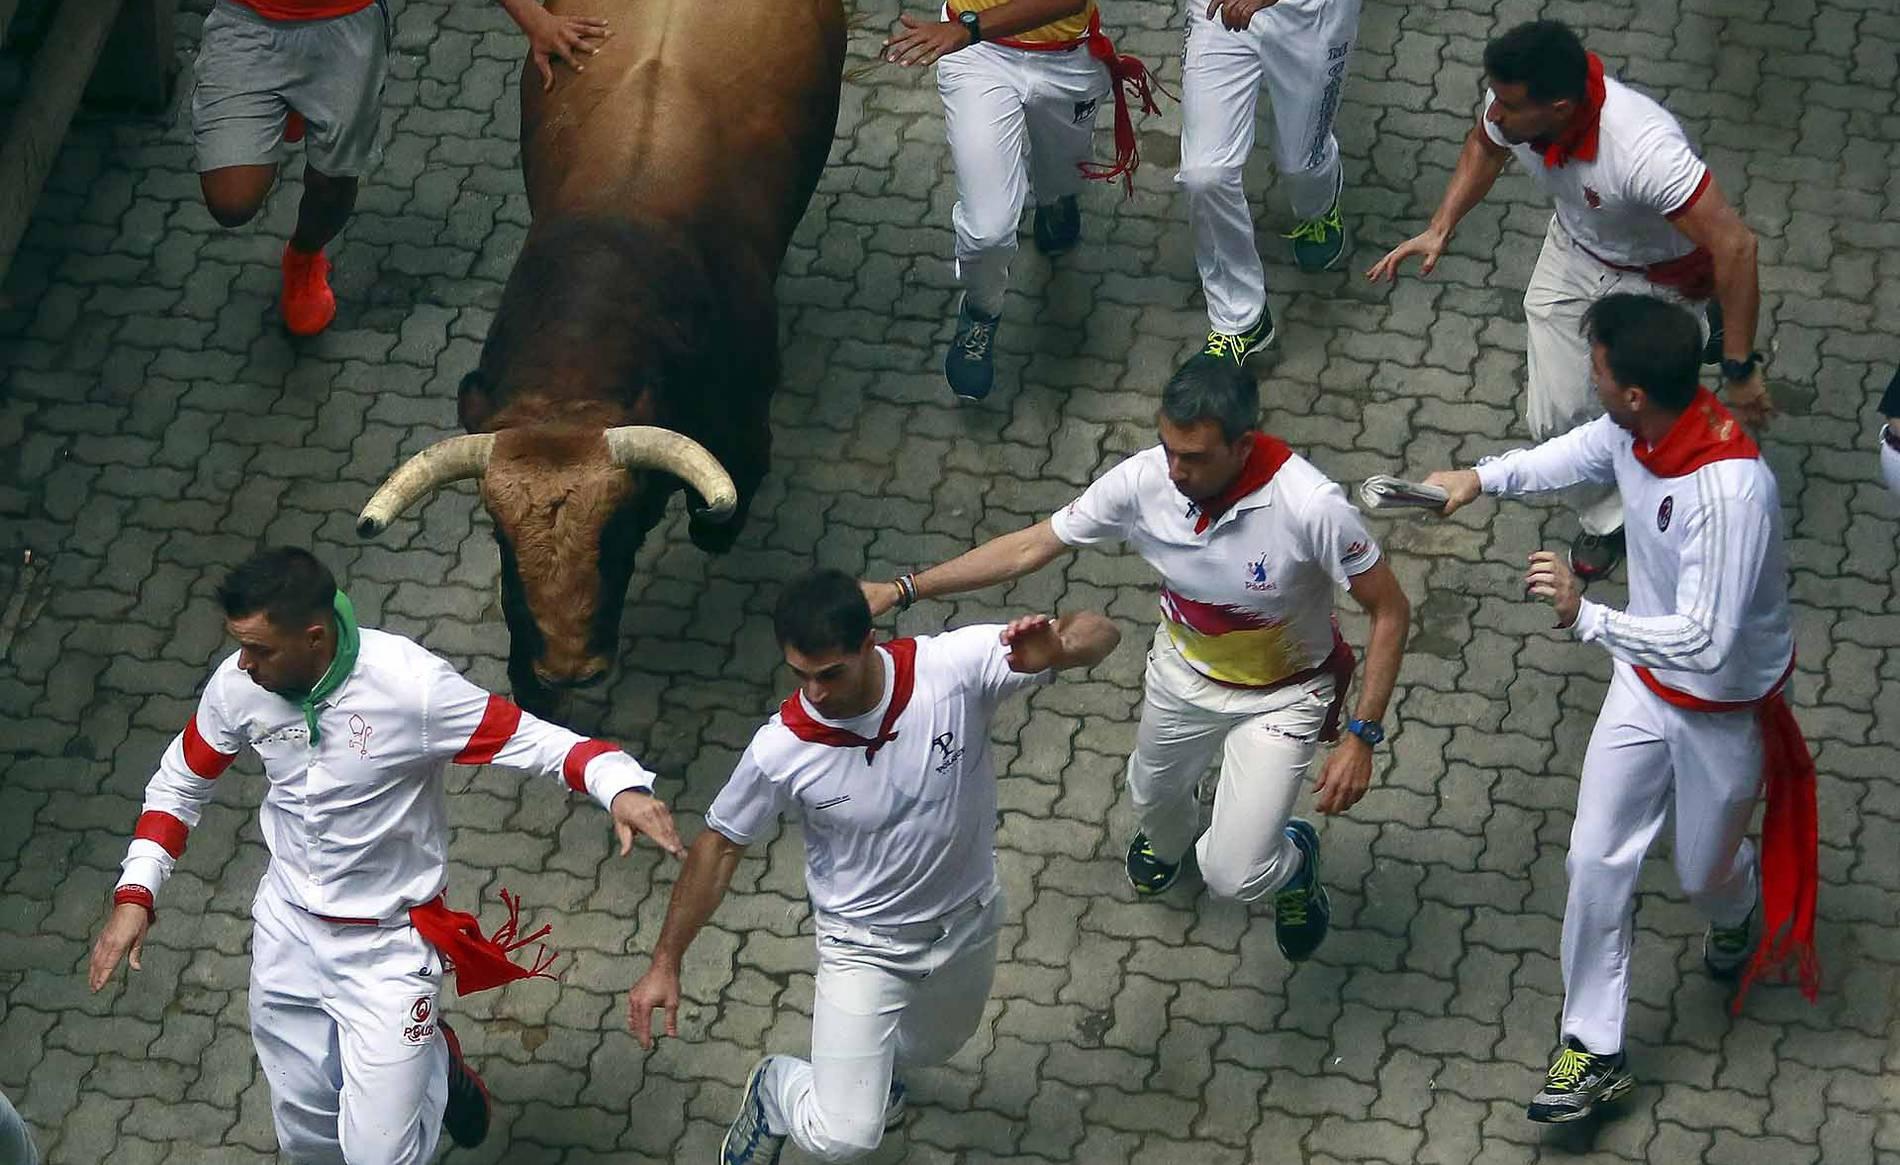 Joven enganchado por un toro a la entrada de la plaza de toros (1/12) - Imágenes del tercer encierro Sanfermines 2017. - San Fermín -